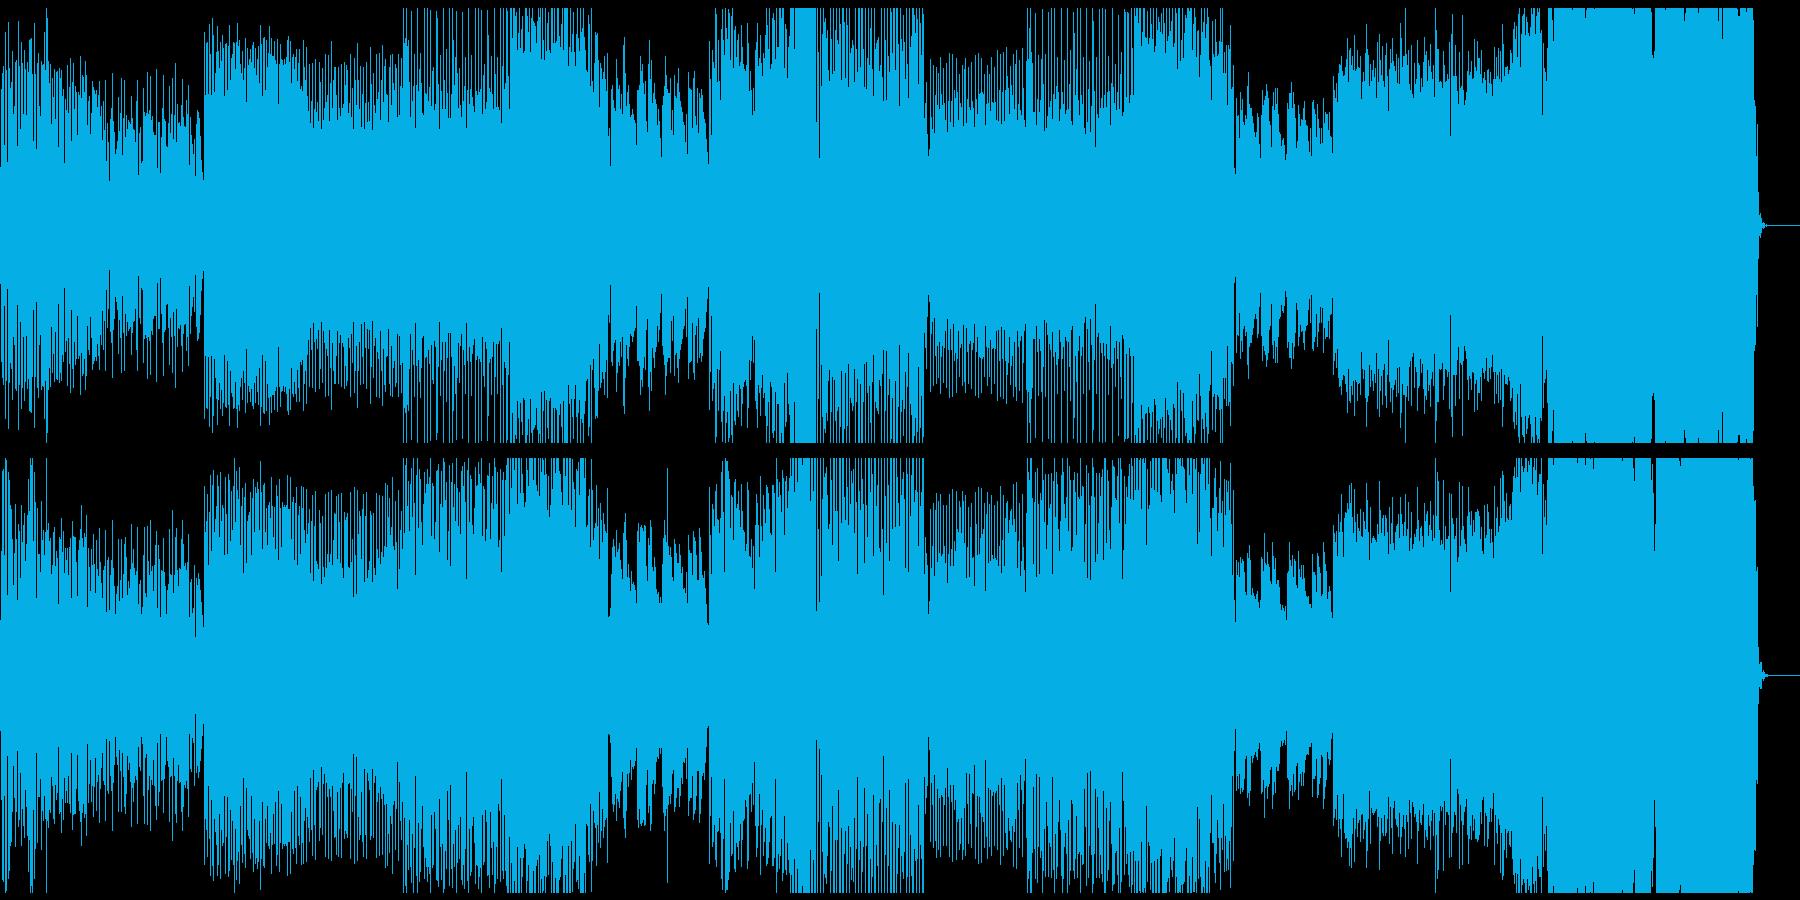 可愛い感じの音使いでノリの良いダンス系の再生済みの波形